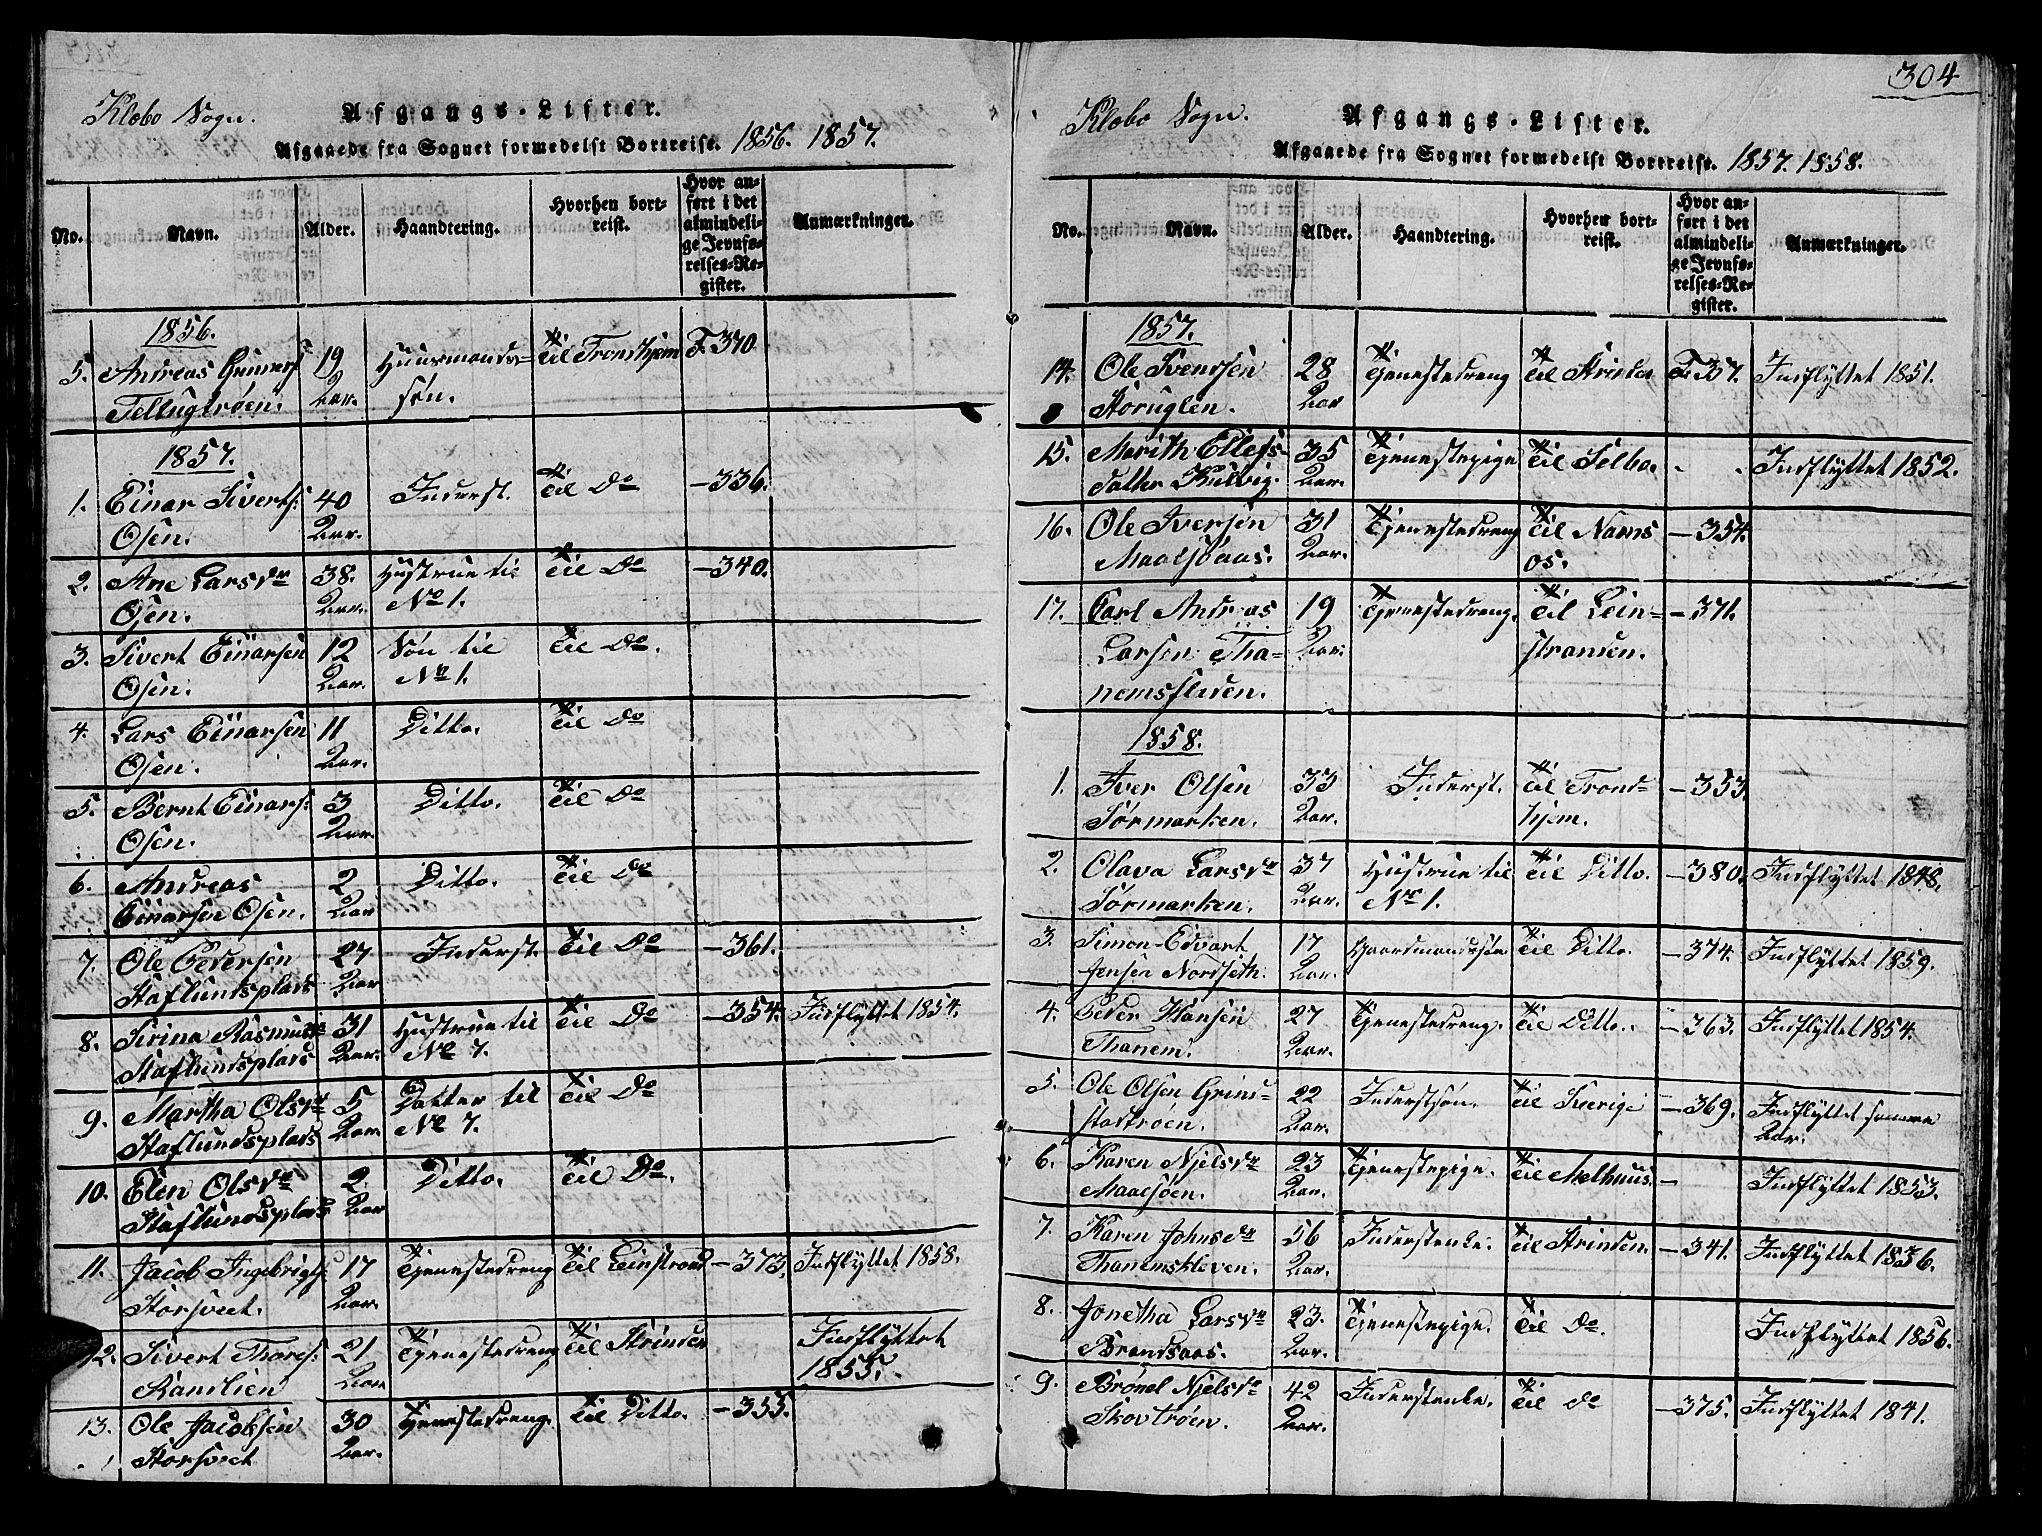 SAT, Ministerialprotokoller, klokkerbøker og fødselsregistre - Sør-Trøndelag, 618/L0450: Klokkerbok nr. 618C01, 1816-1865, s. 304